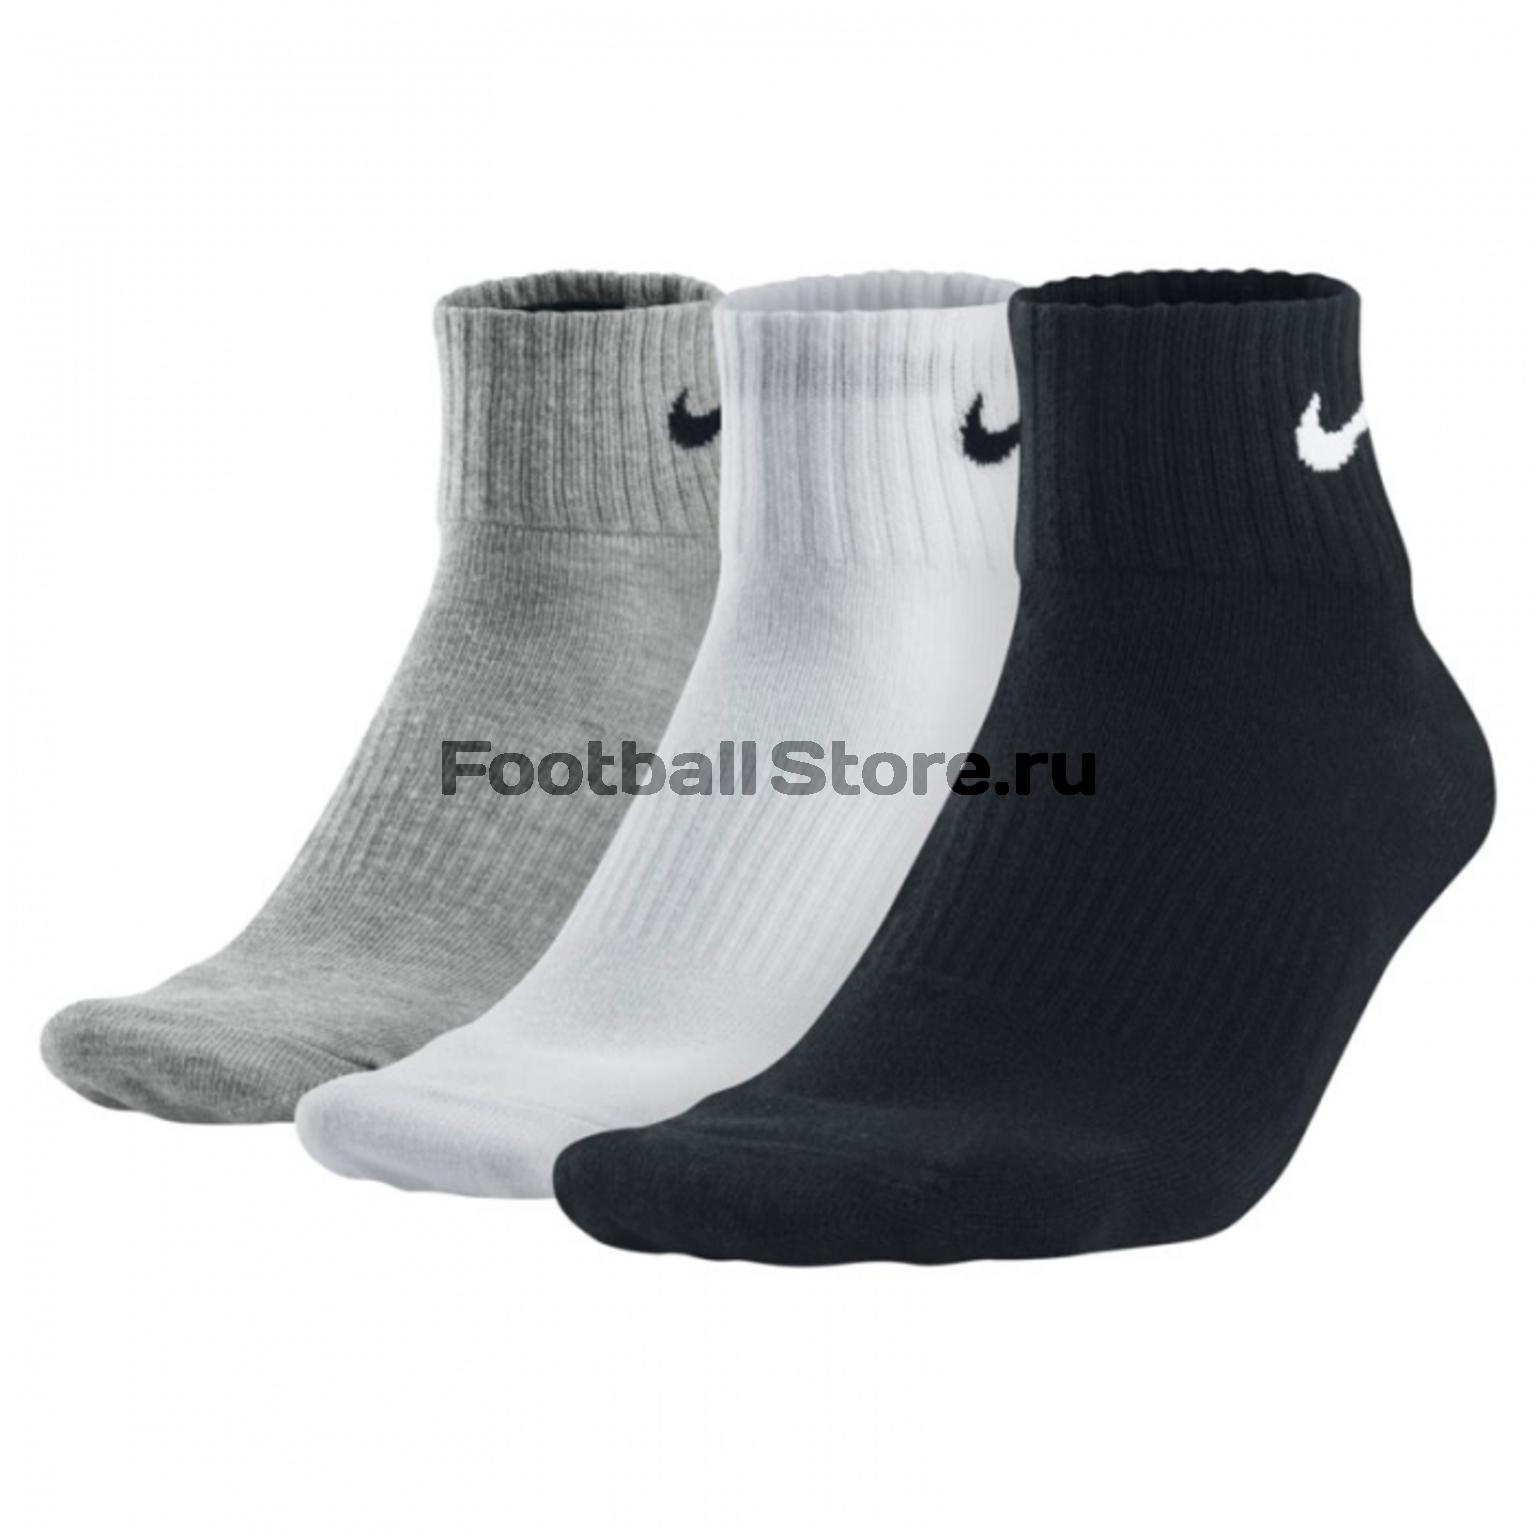 Носки Nike Носки короткие Nike (3 пары в Комплекте) SX3808-965